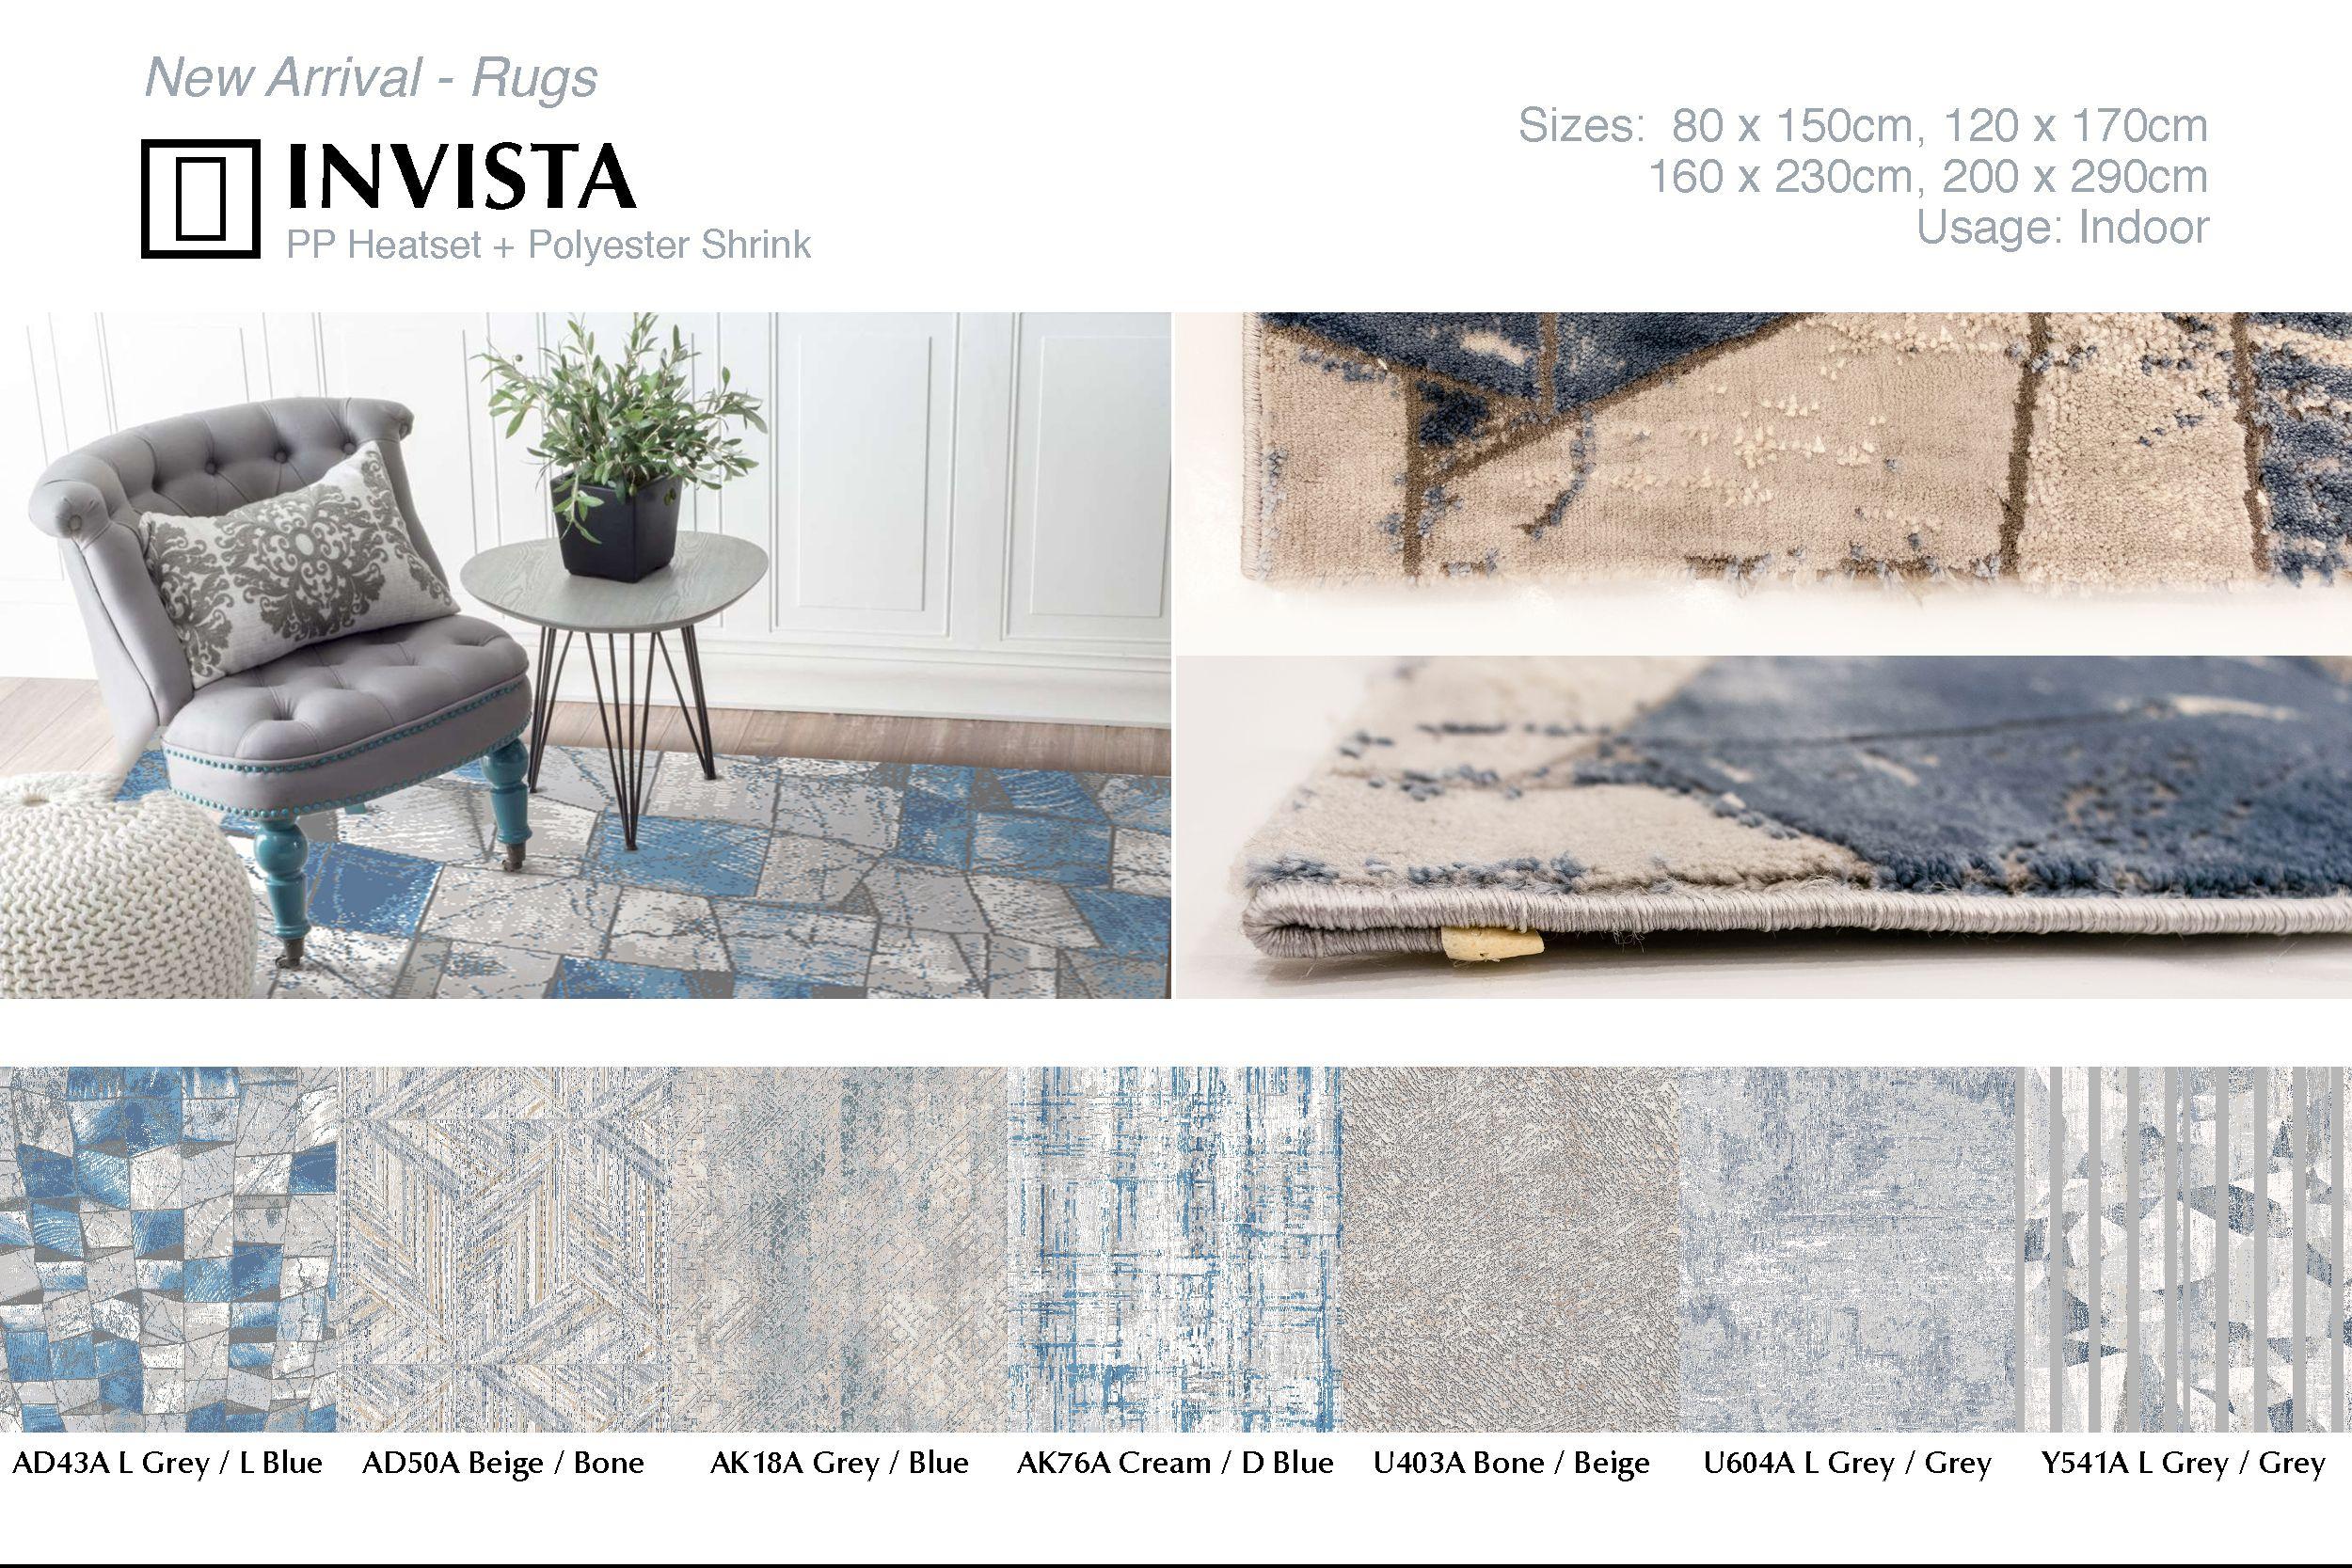 Invista Large carpet, Indoor, Vinyl flooring